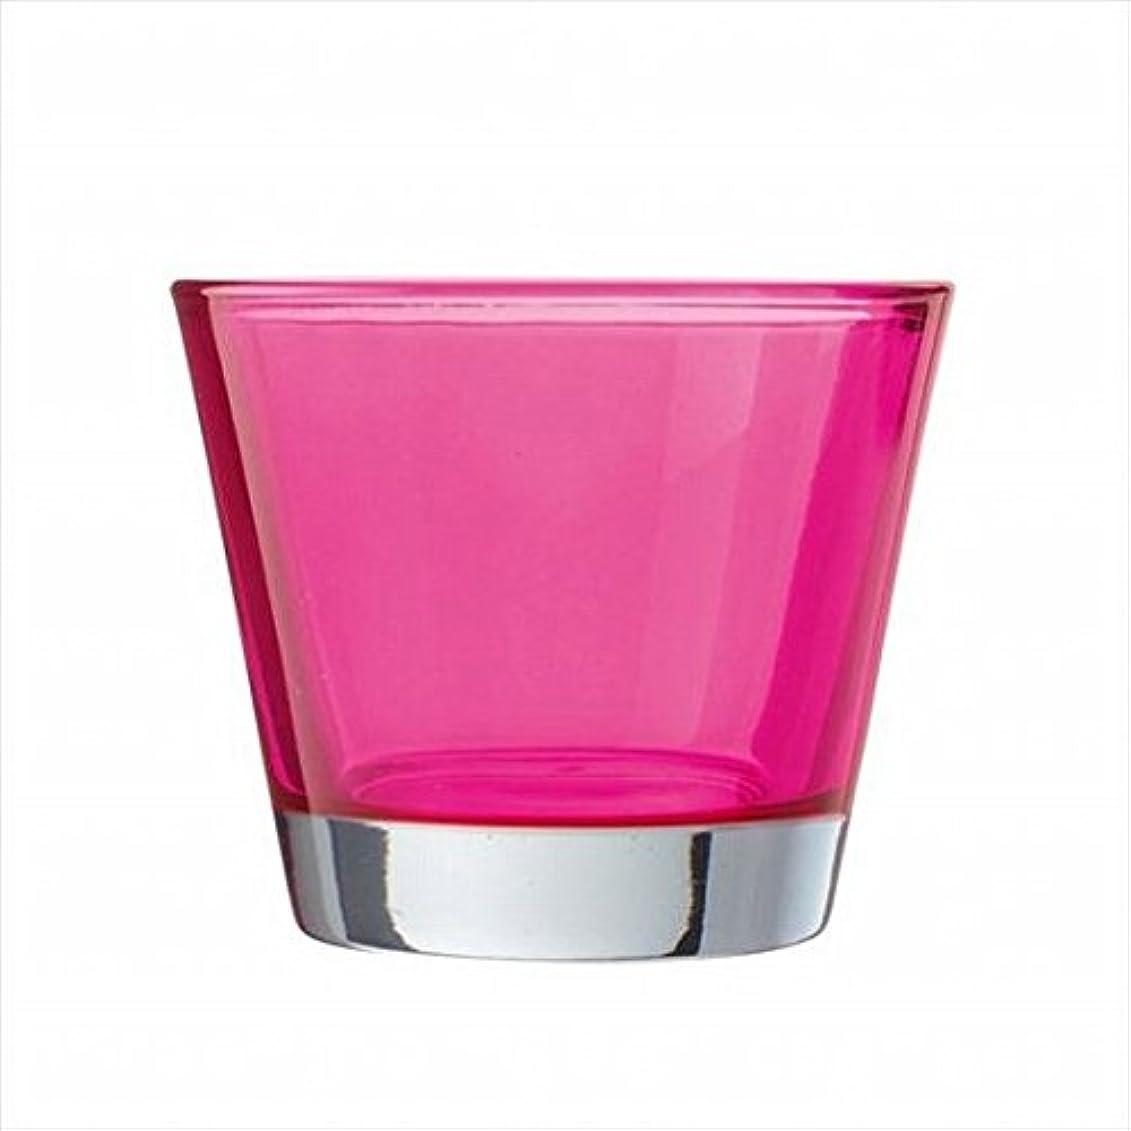 相談する疎外するツインkameyama candle(カメヤマキャンドル) カラリス 「 ピンク 」 キャンドル 82x82x70mm (J2540000PK)